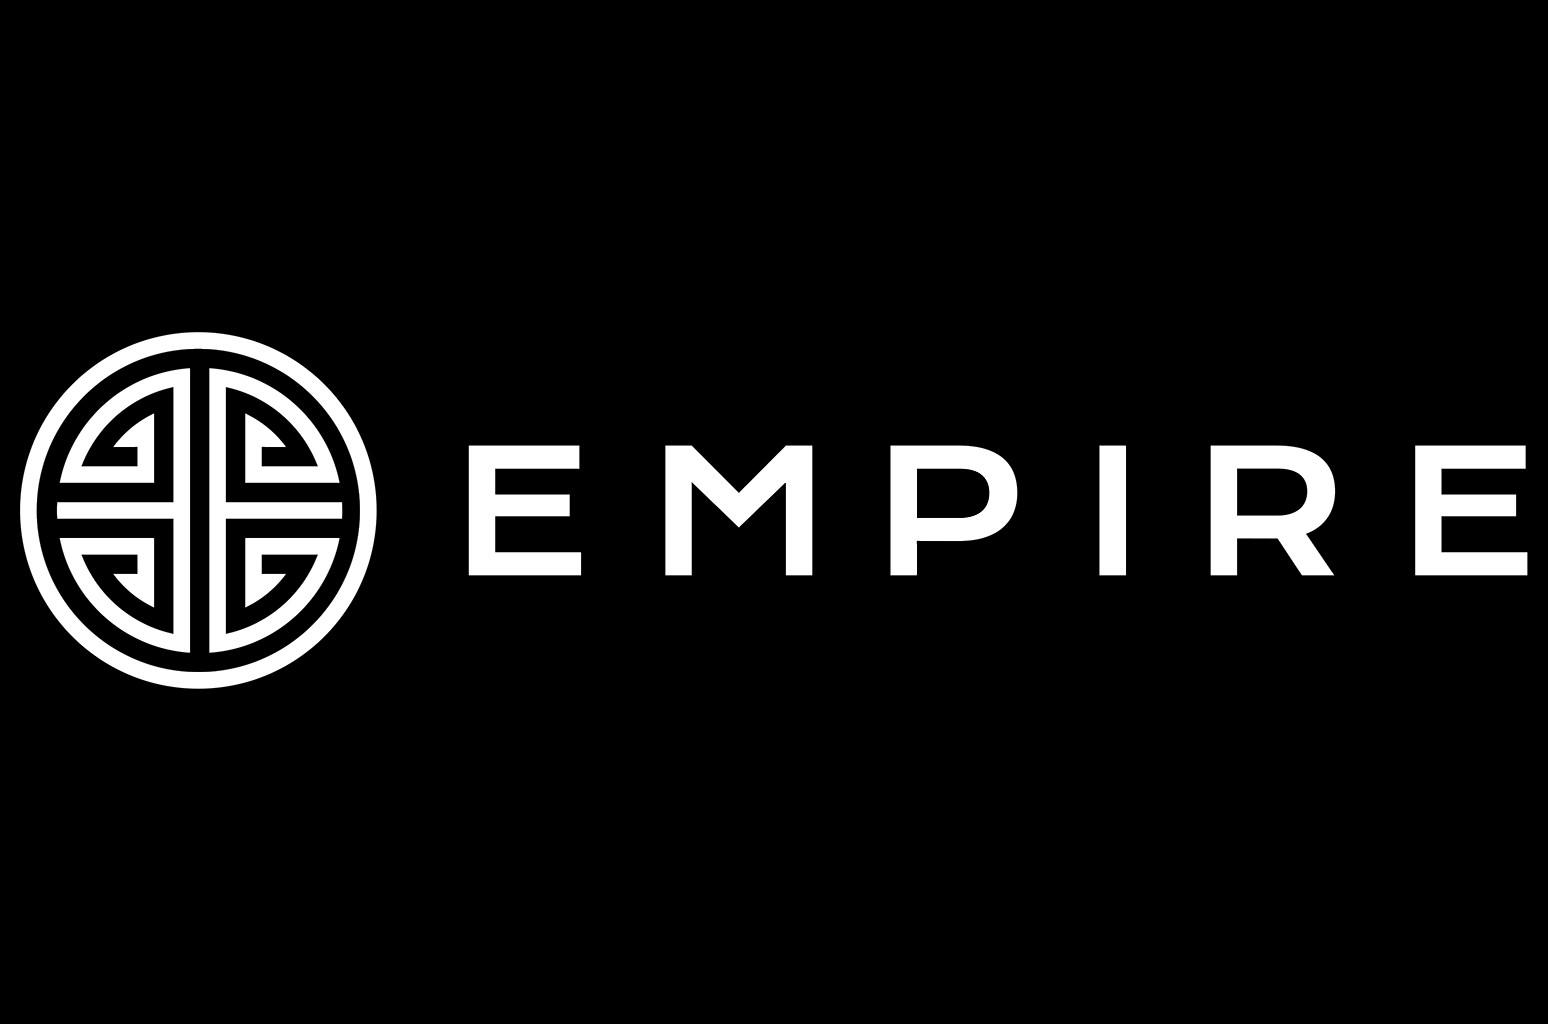 Empire logo